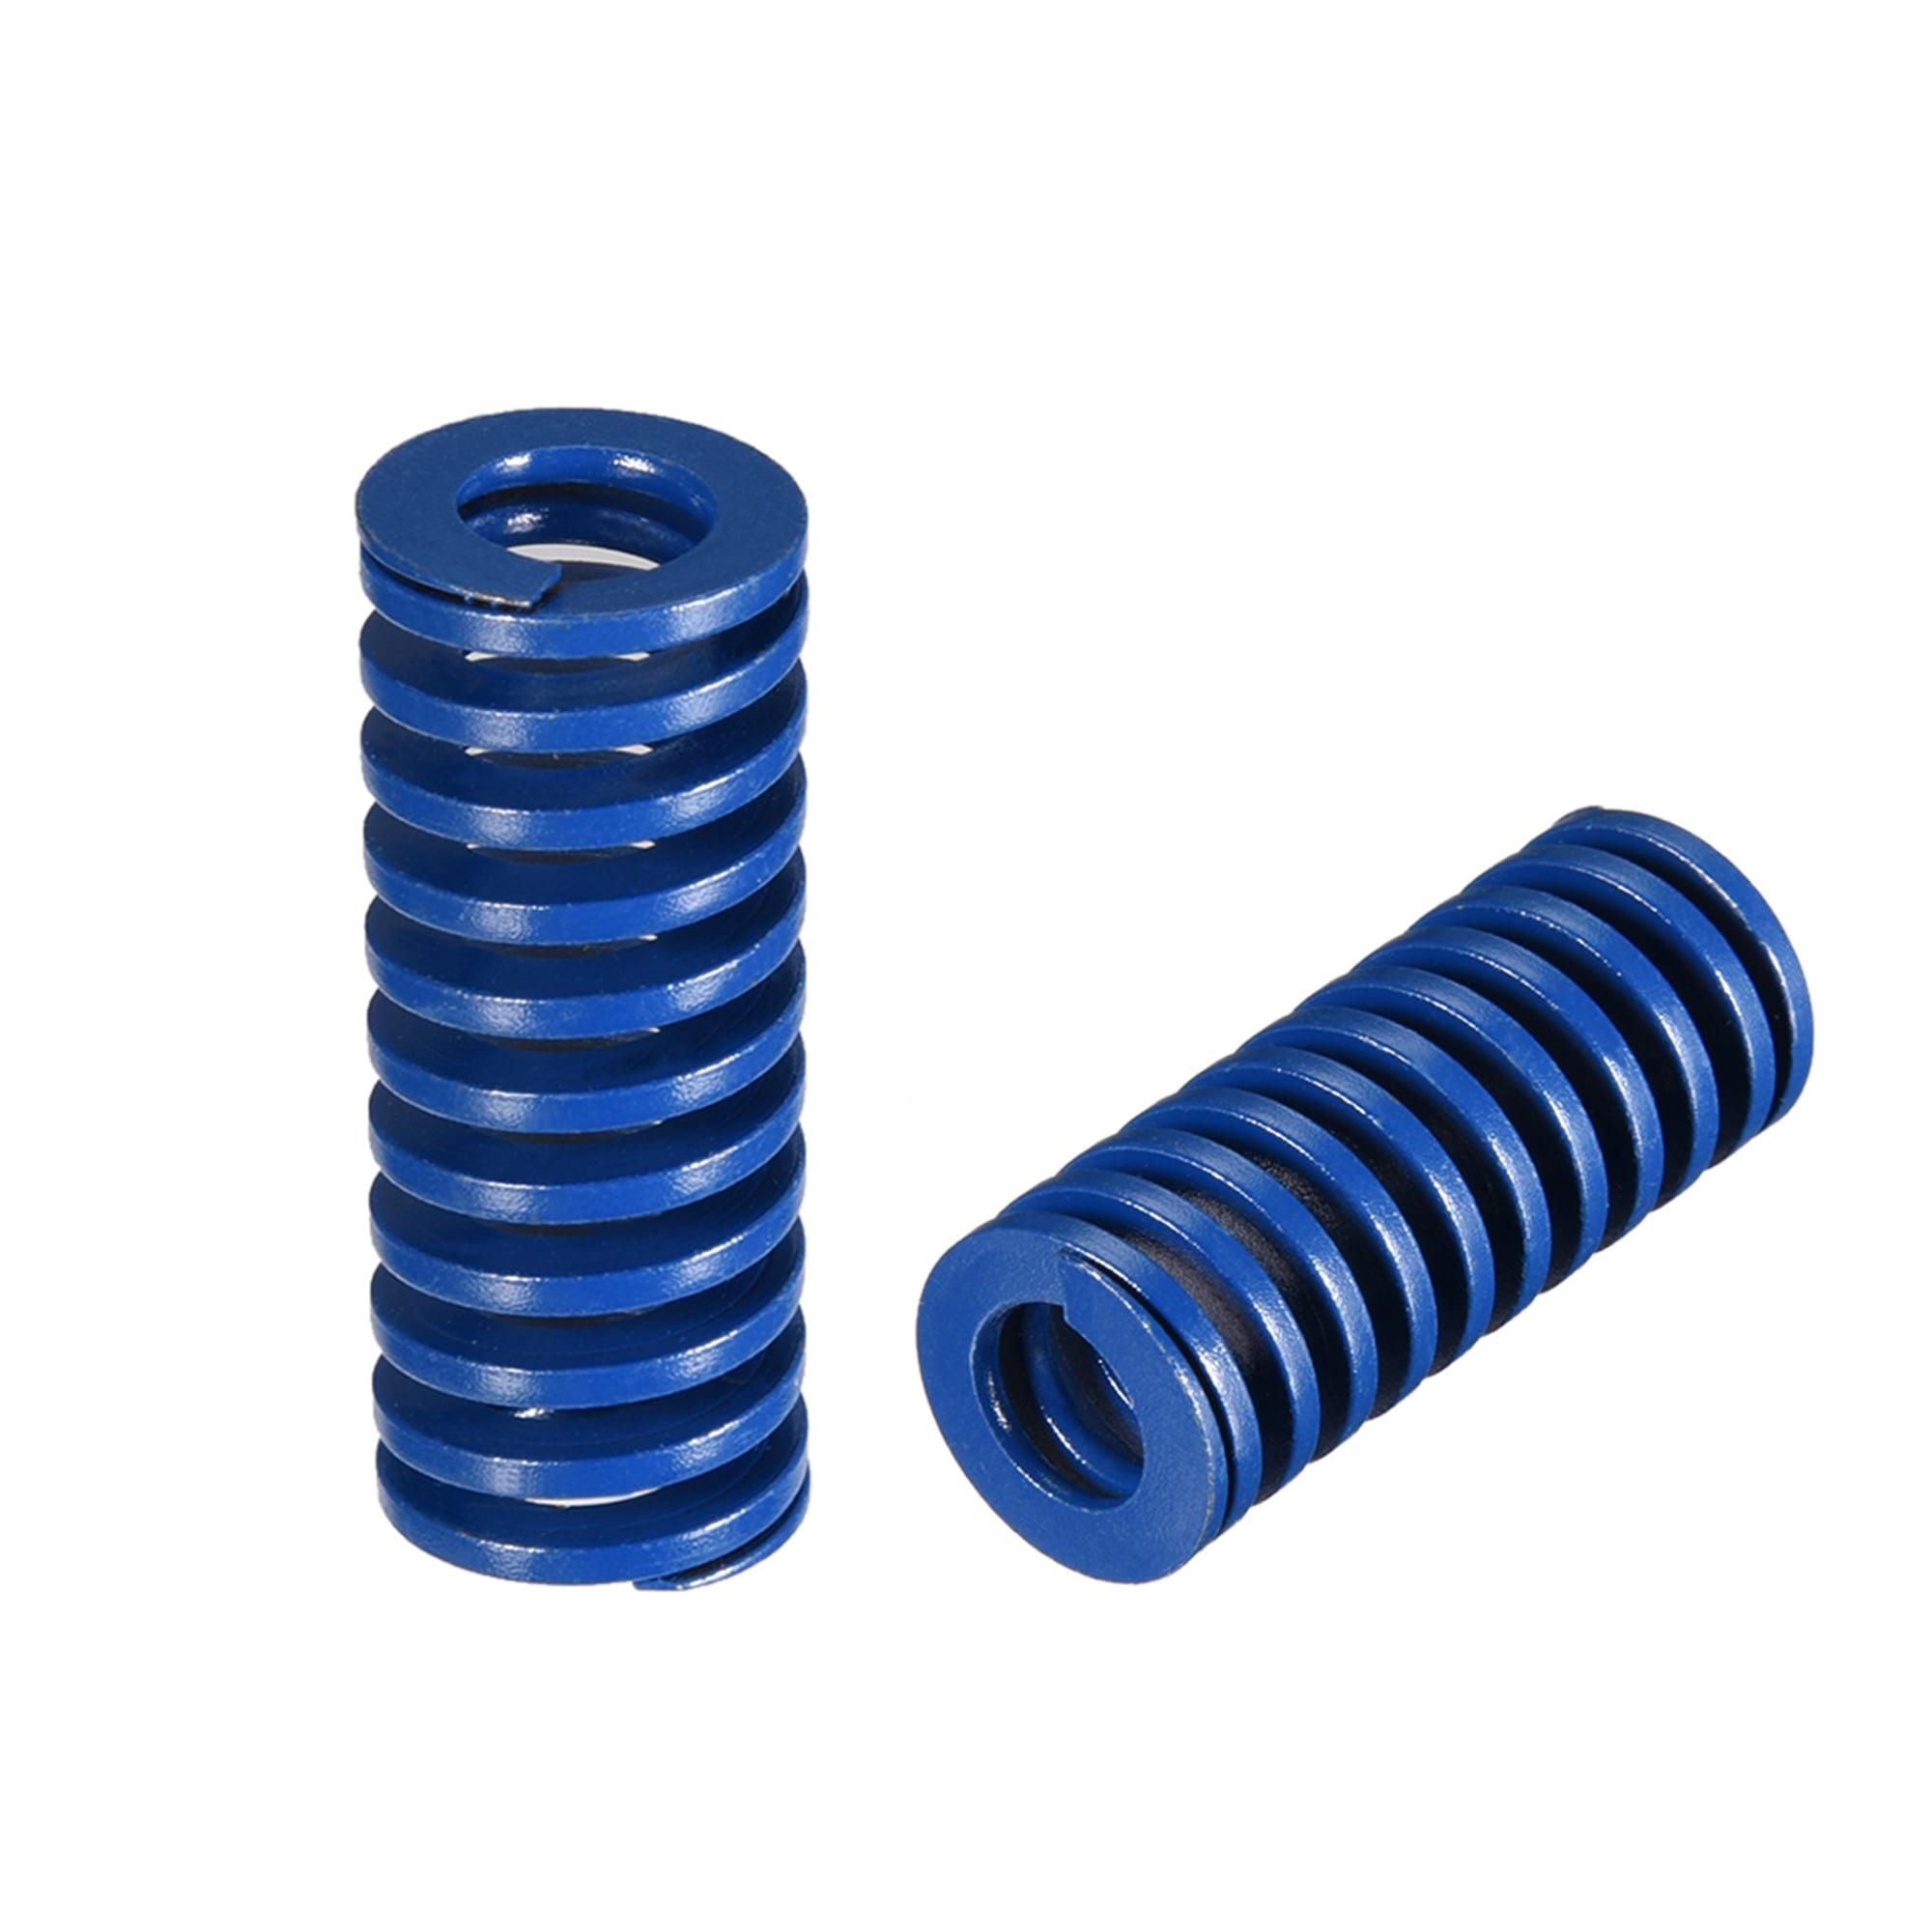 16mm OD 40mm Long Spiral Stamping Light Load Compression Mould Die Spring Blue 10Pcs - image 3 of 3